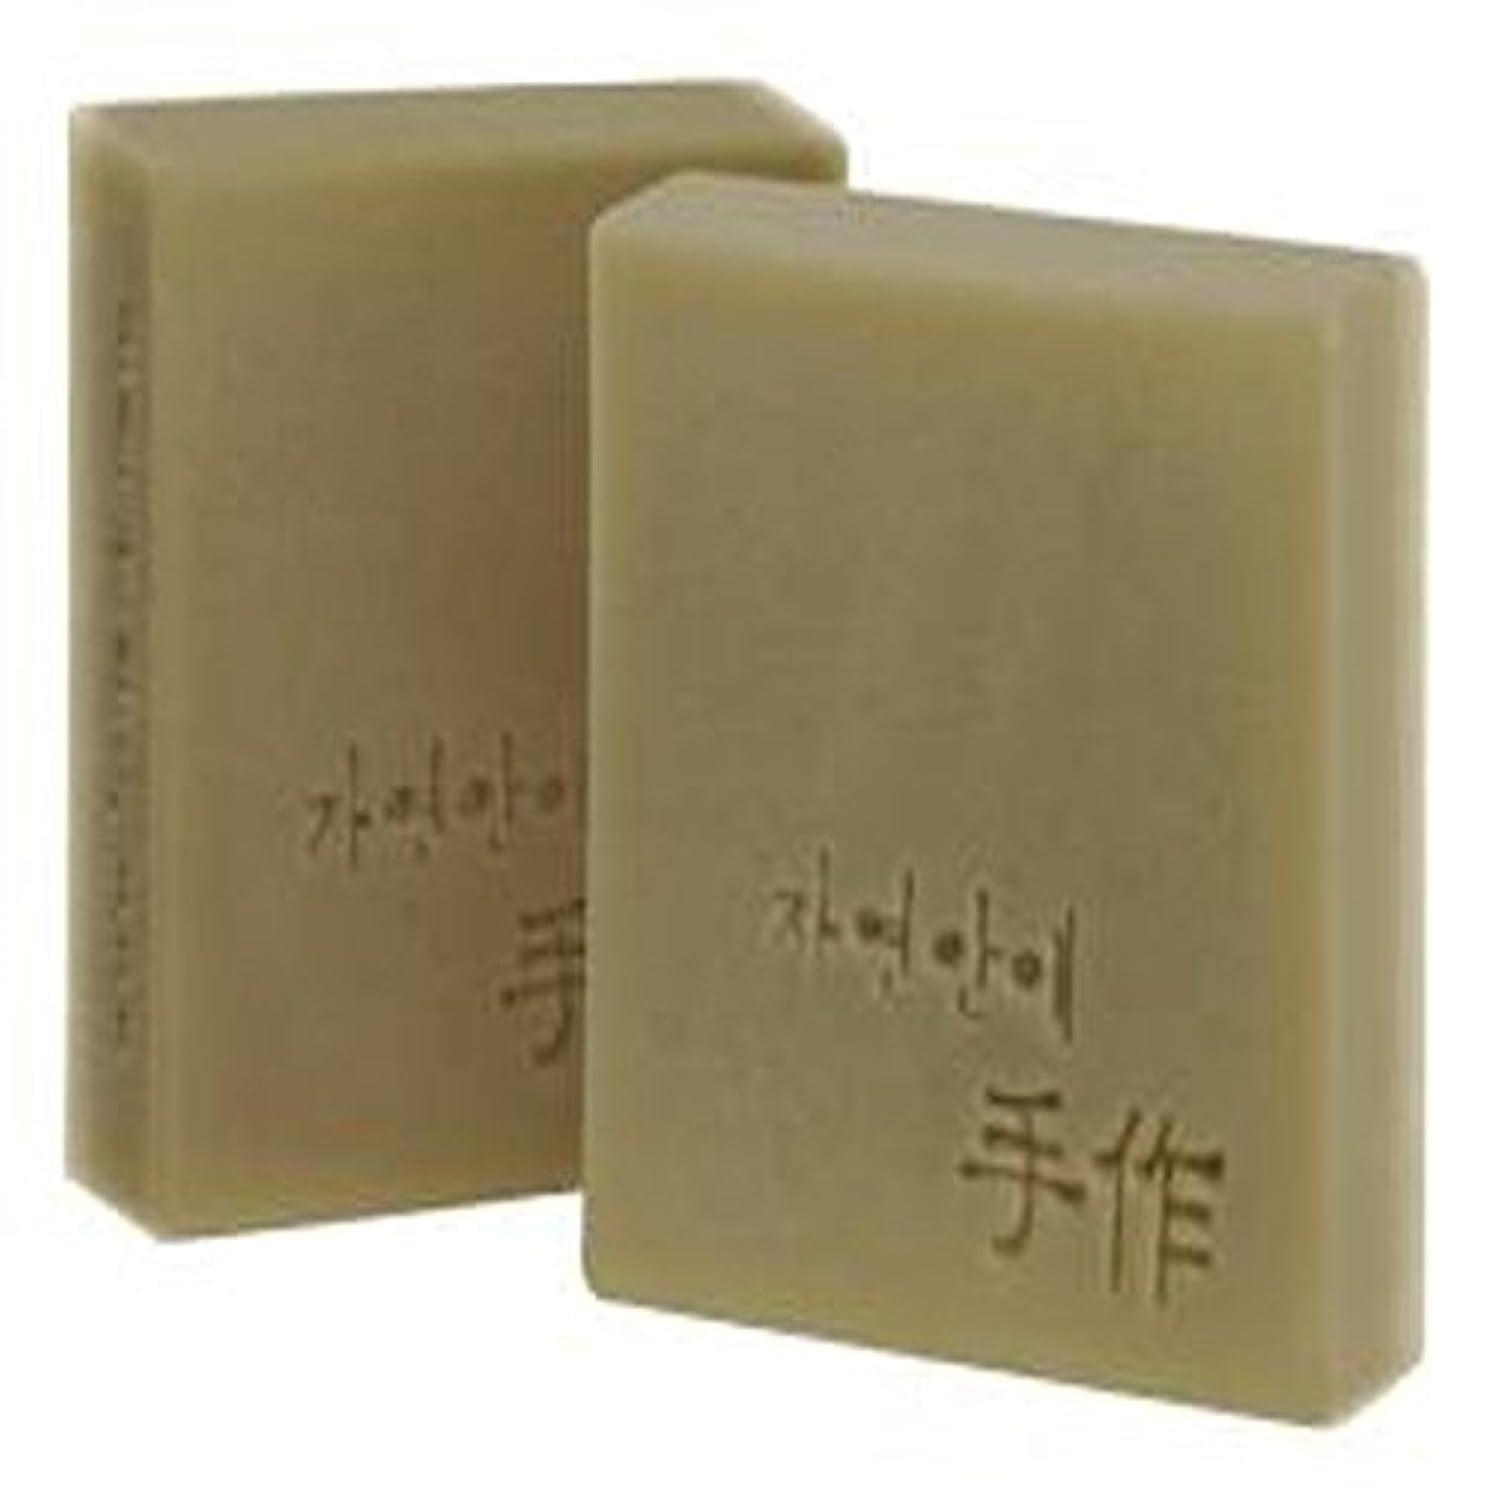 貸す耐久唇Natural organic 有機天然ソープ 固形 無添加 洗顔せっけんクレンジング 石鹸 [並行輸入品] (米ぬか)